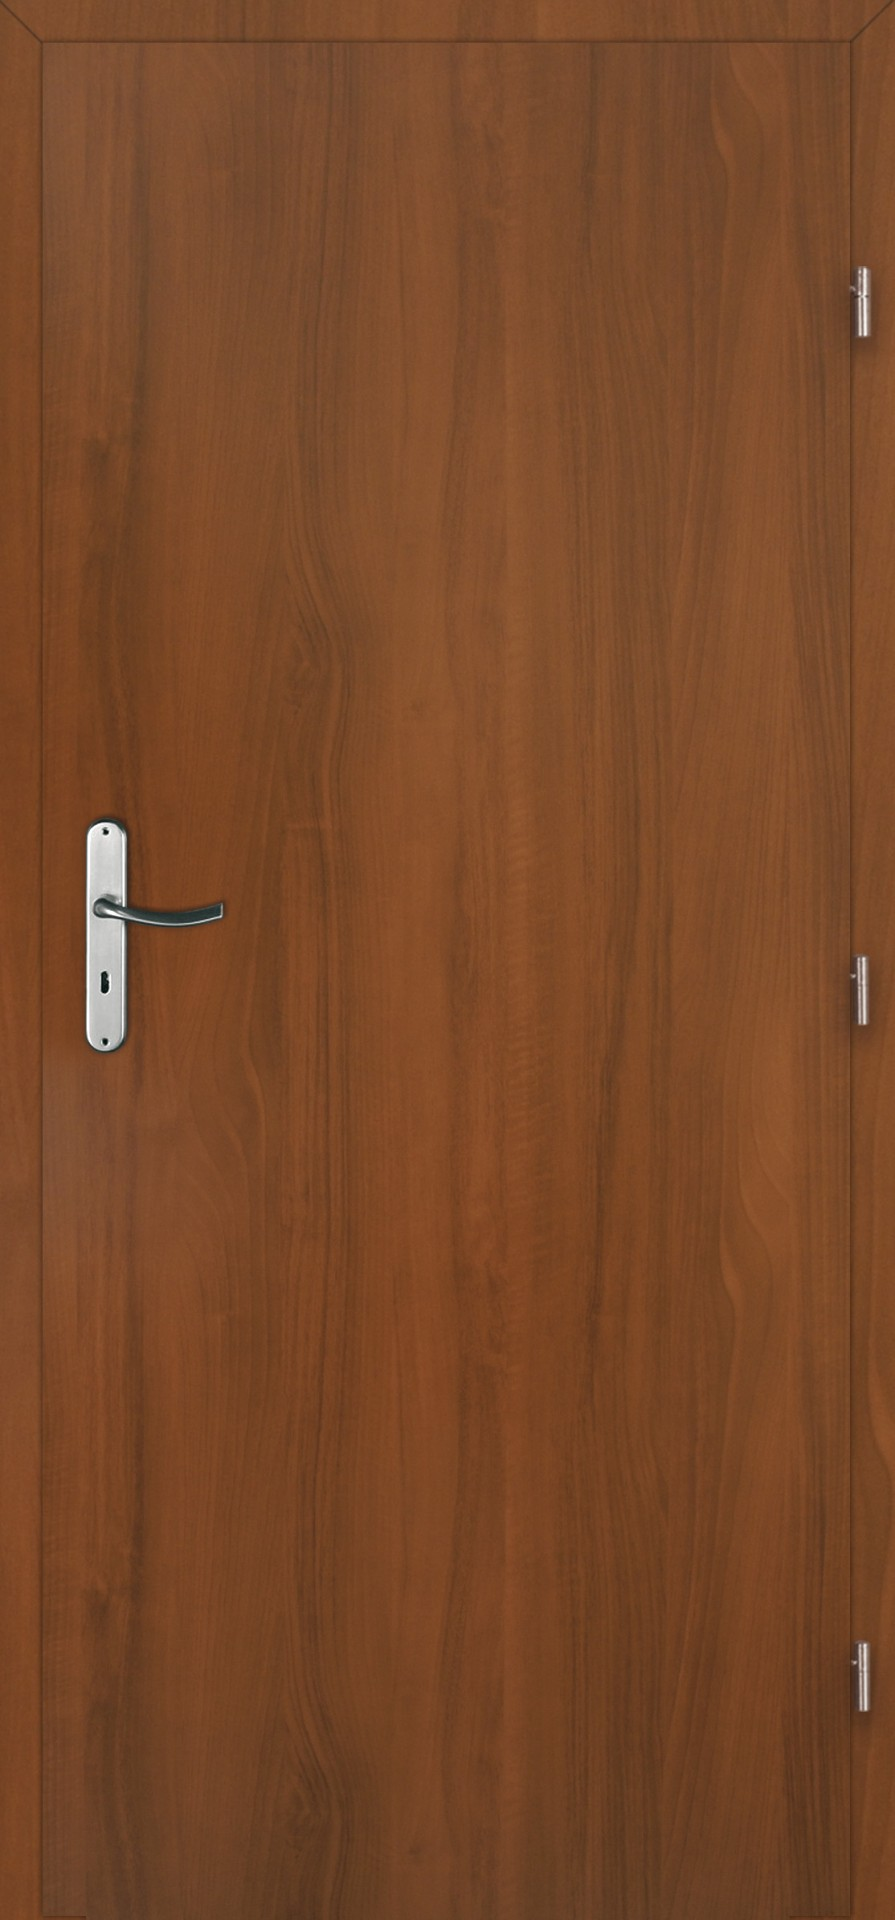 Voster Dveře plné Voster, Šíře v cm 90